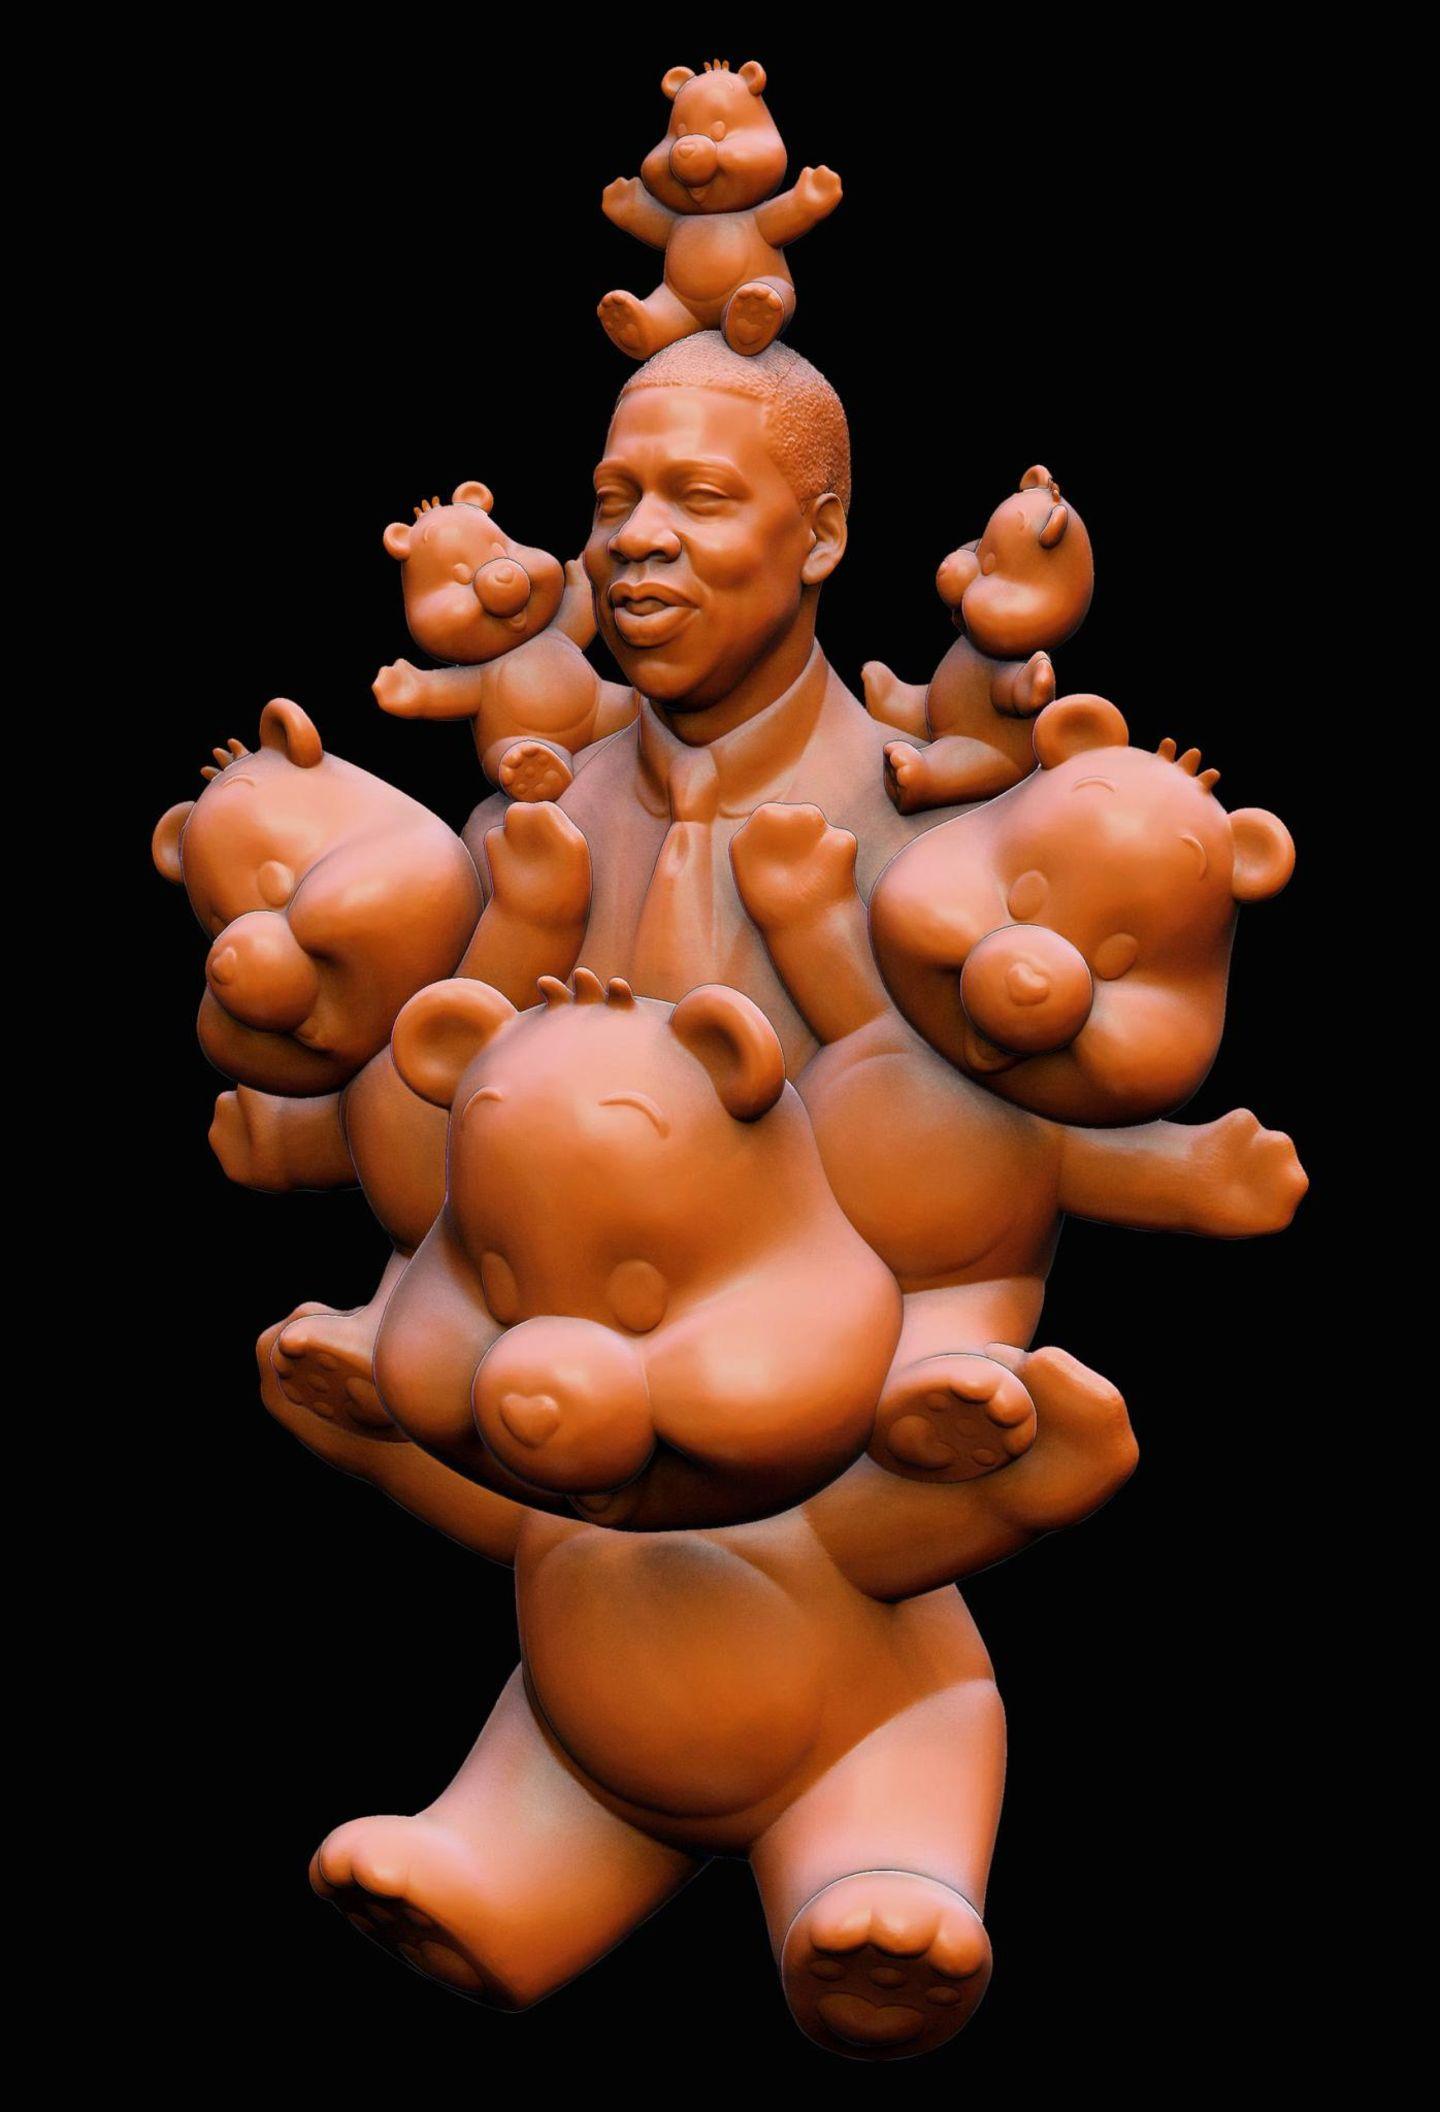 """Die neue Skulptur des Künstlers Daniel Edwards zeigt Rapper Jay-Z inmitten vieler """"Glücksbärchis""""."""